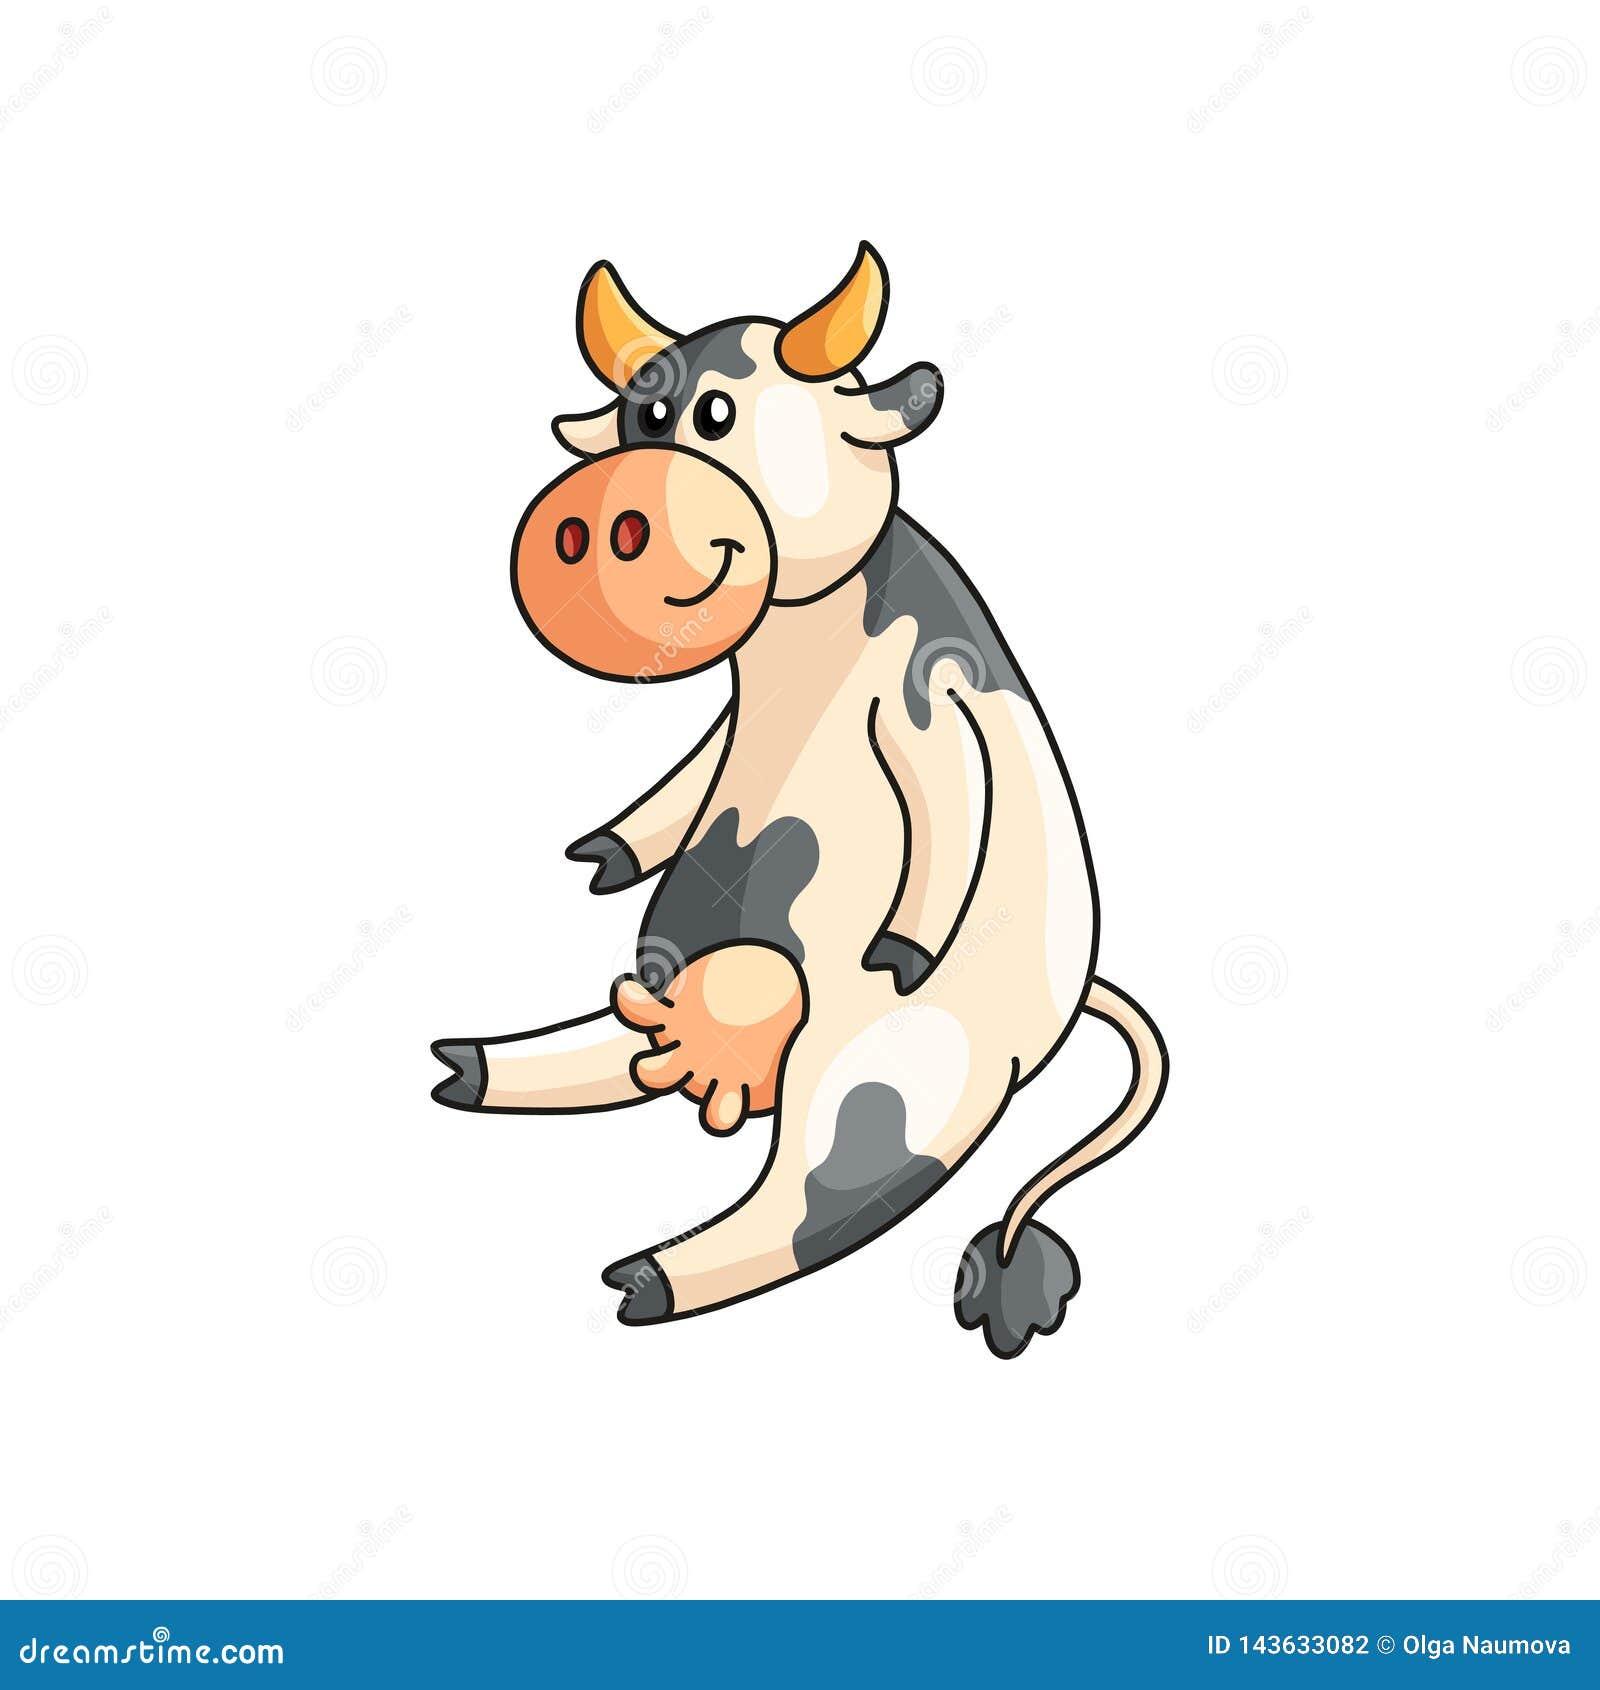 Αστεία χαμόγελο επισημασμένα συνεδρίαση και άκουσμα αγελάδων που απομονώνονται στο λευκό